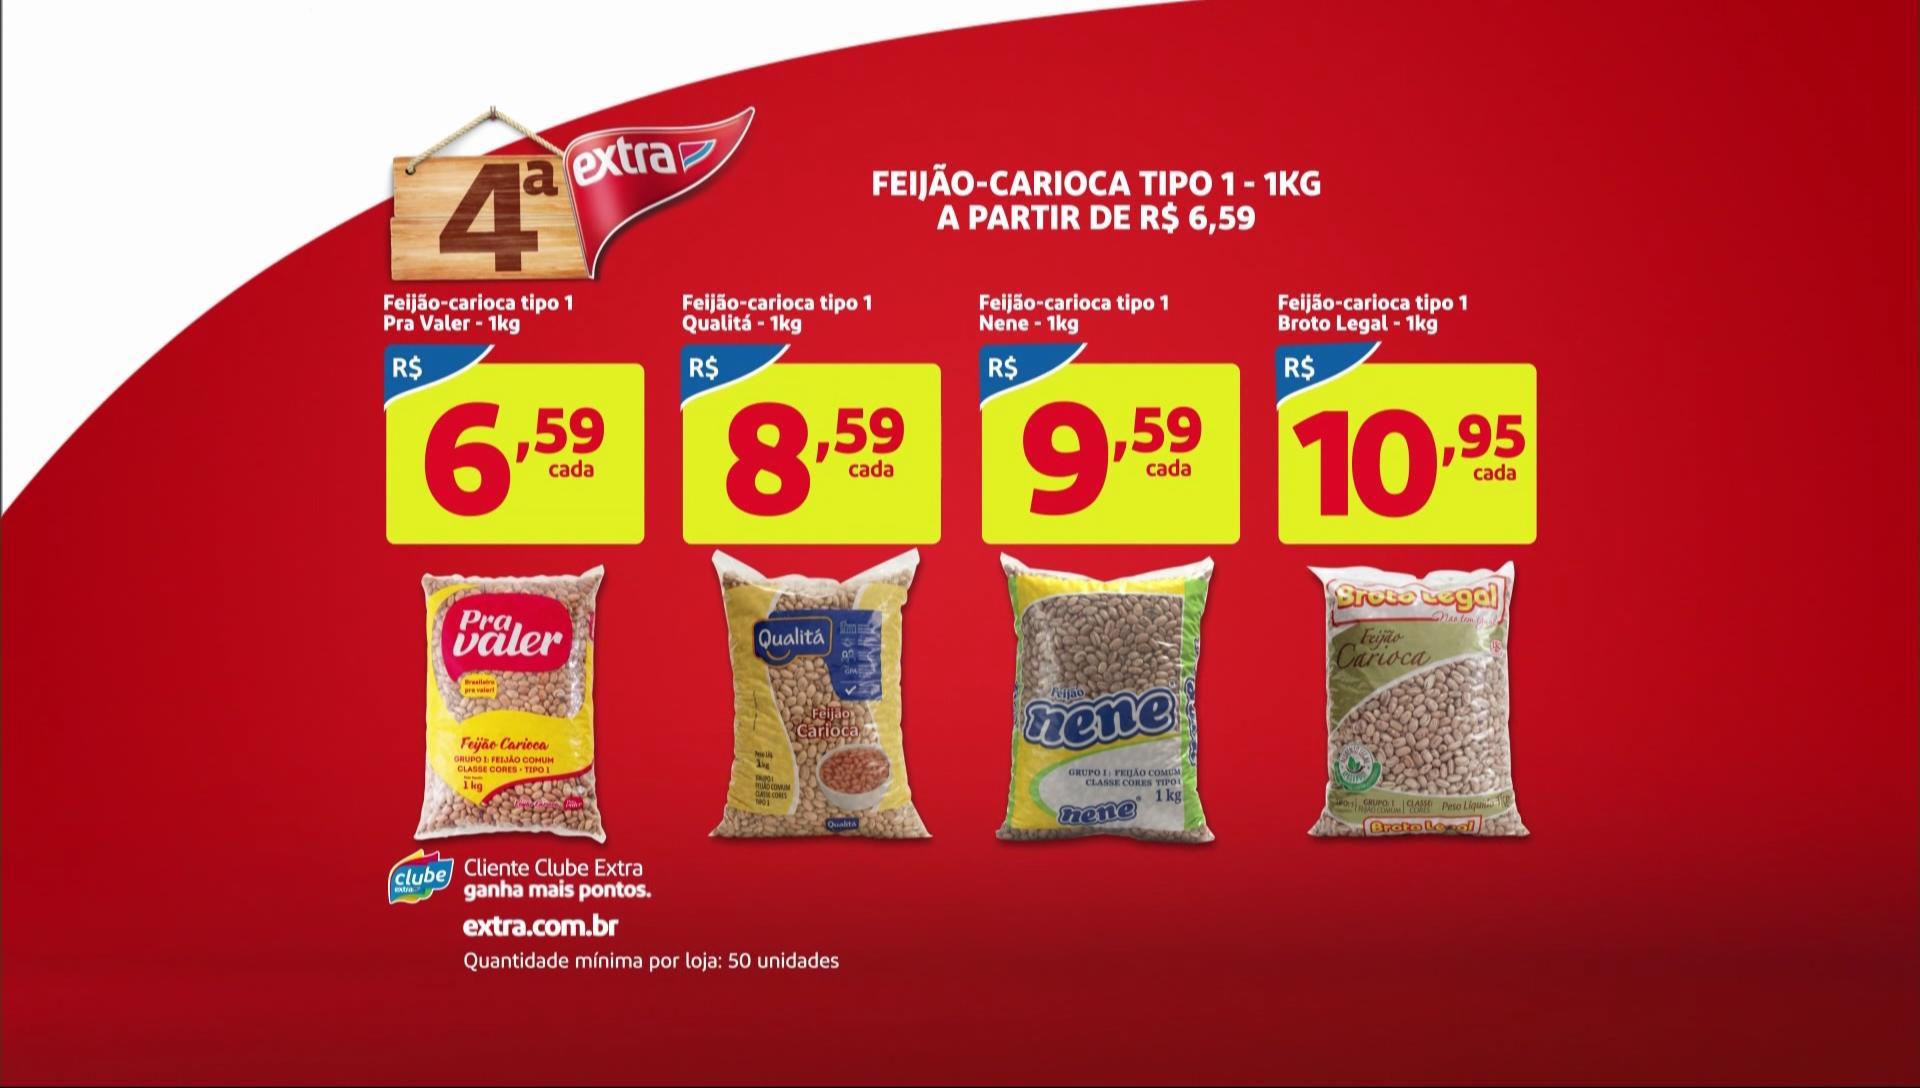 Clique na imagem e veja todas as ofertas da Feira Carrefour para o dia 21/09/2016